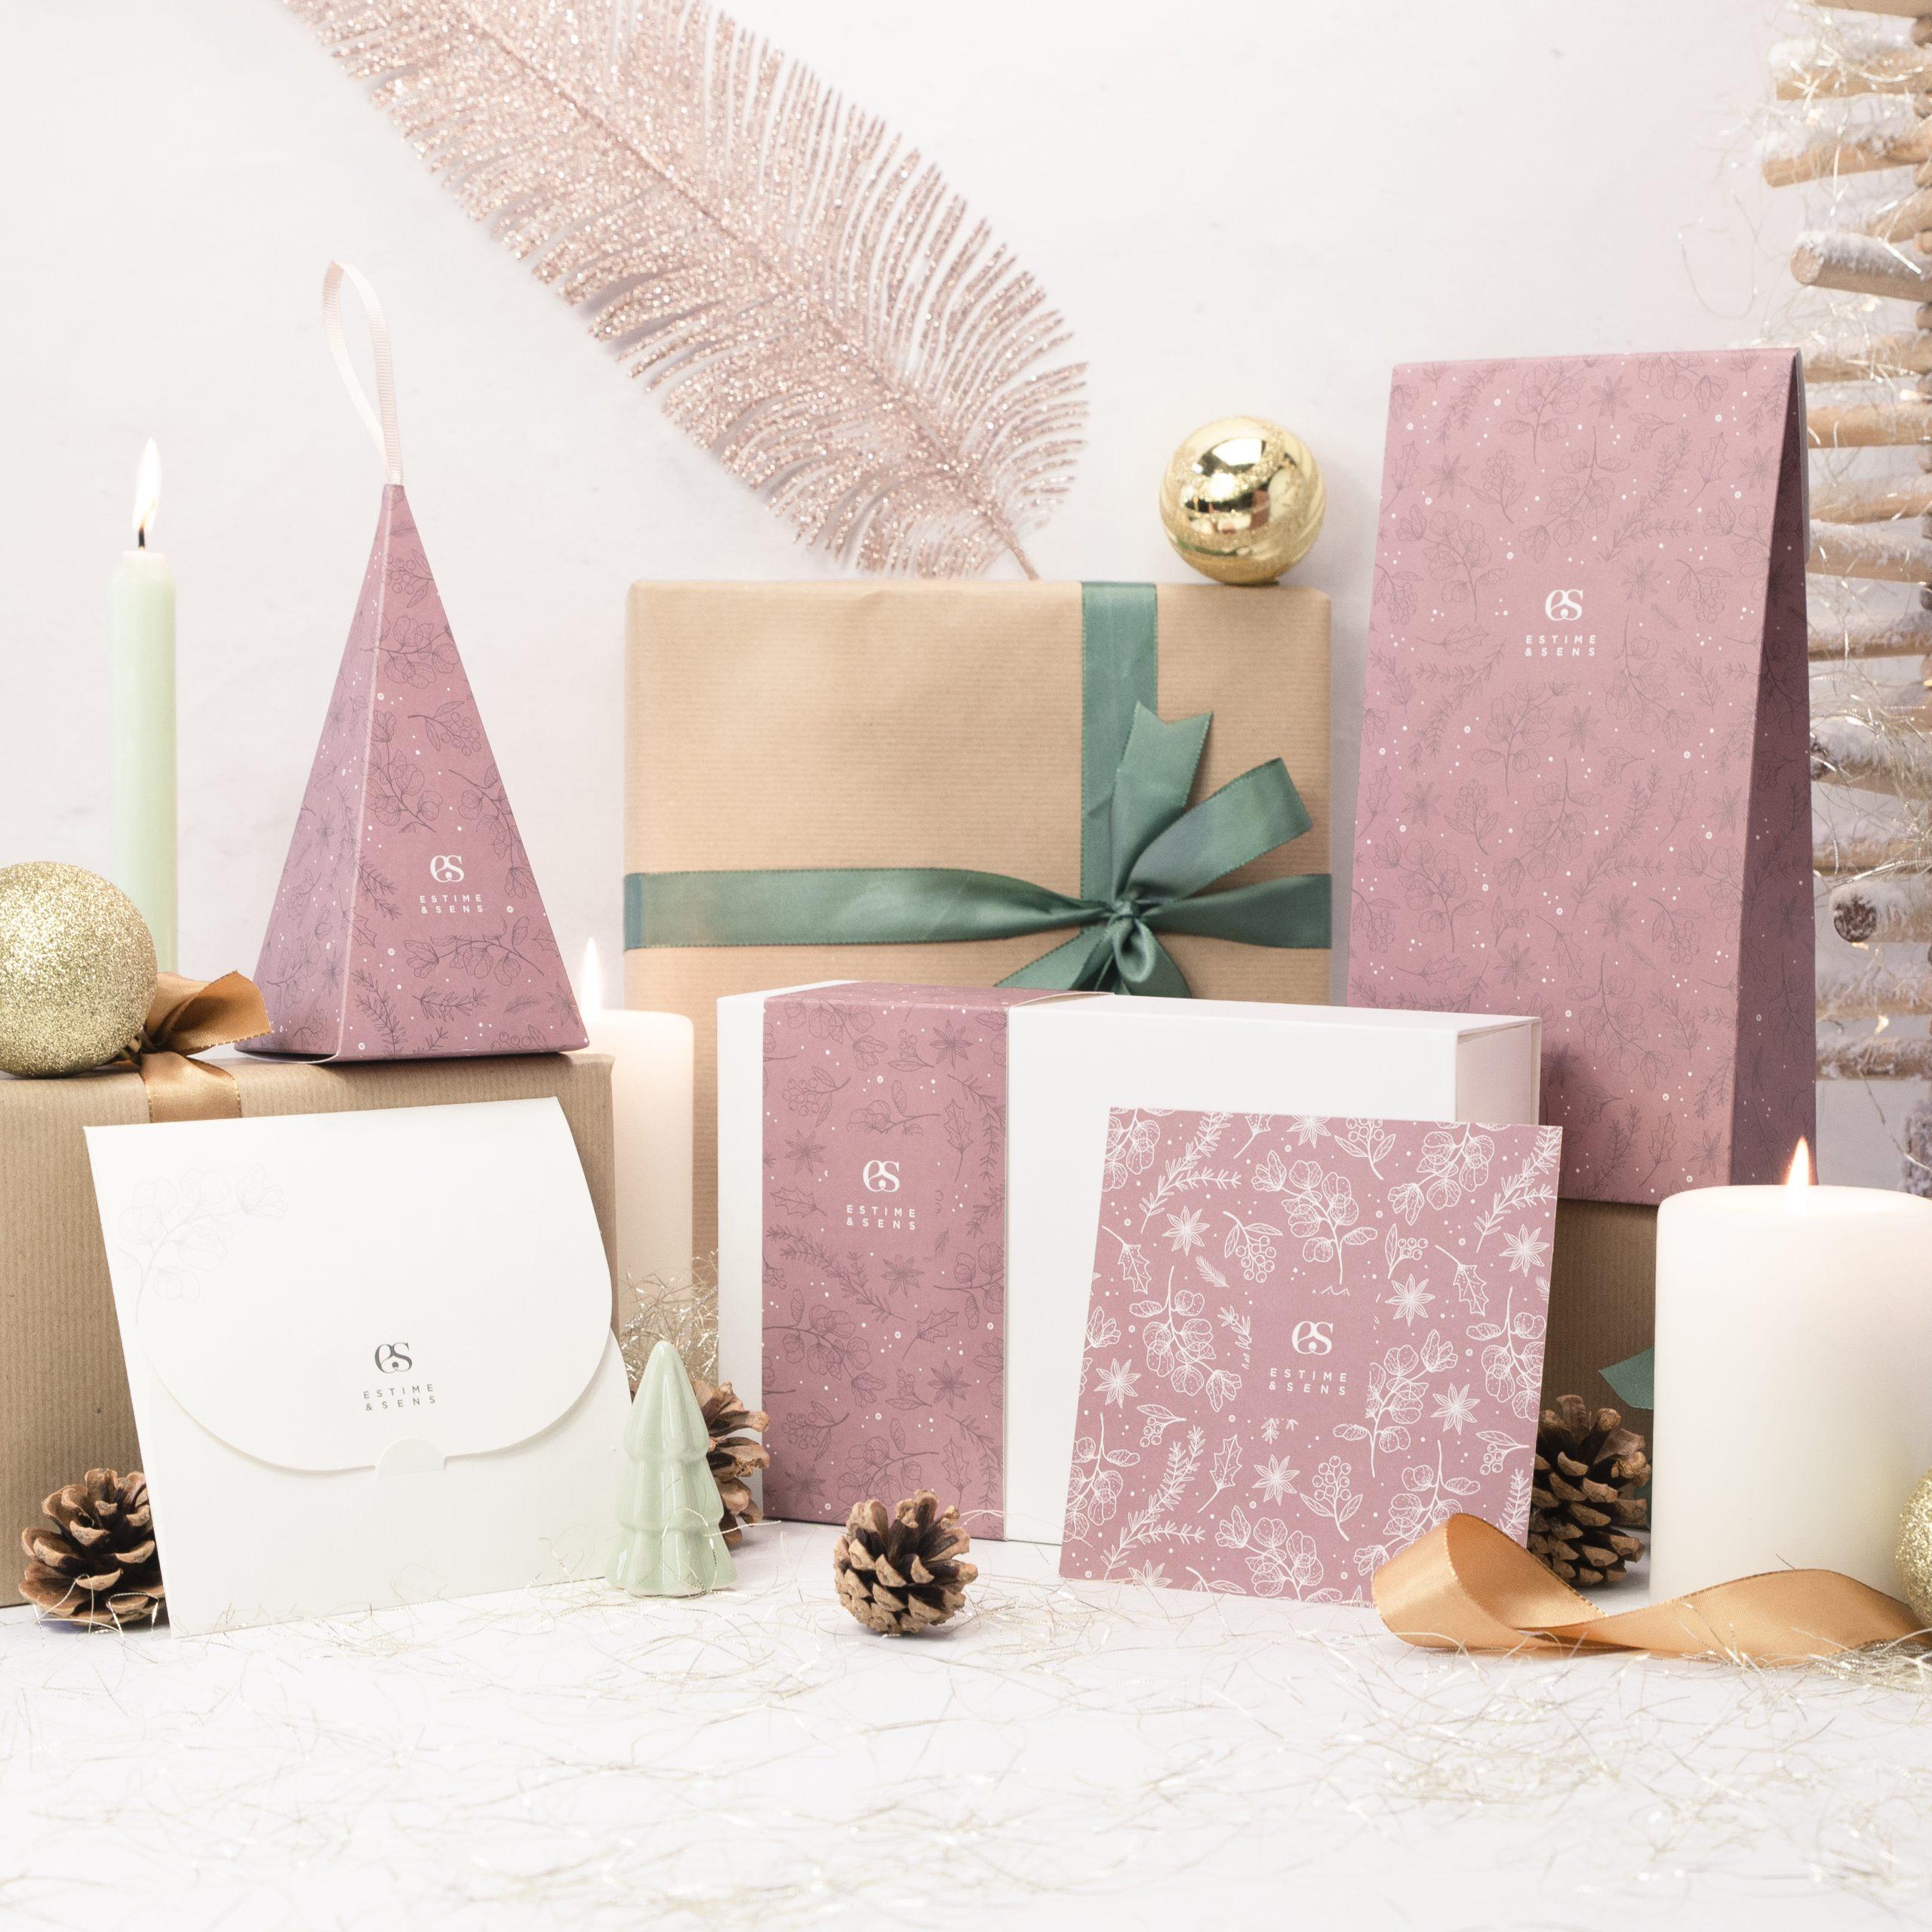 Noël chez Estime et Sens